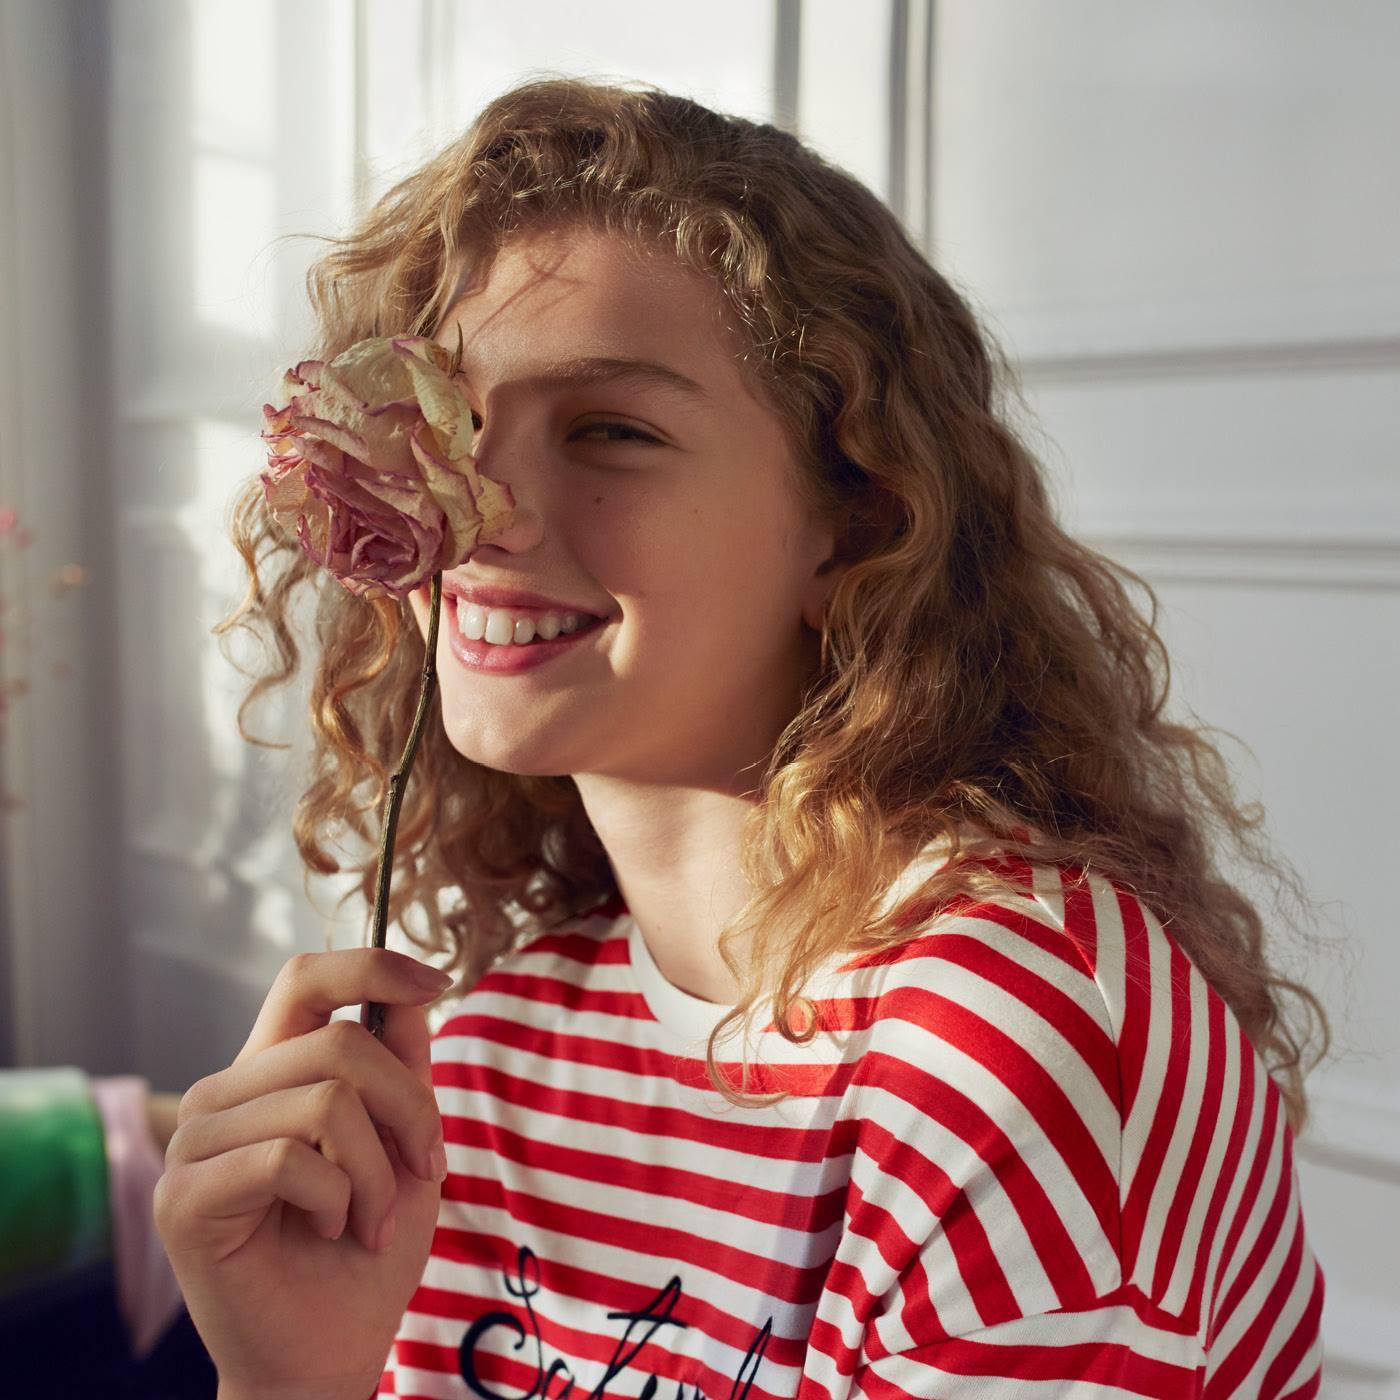 H&M 'Parisian Style' 2018 Collection ft. Dorit Revelis